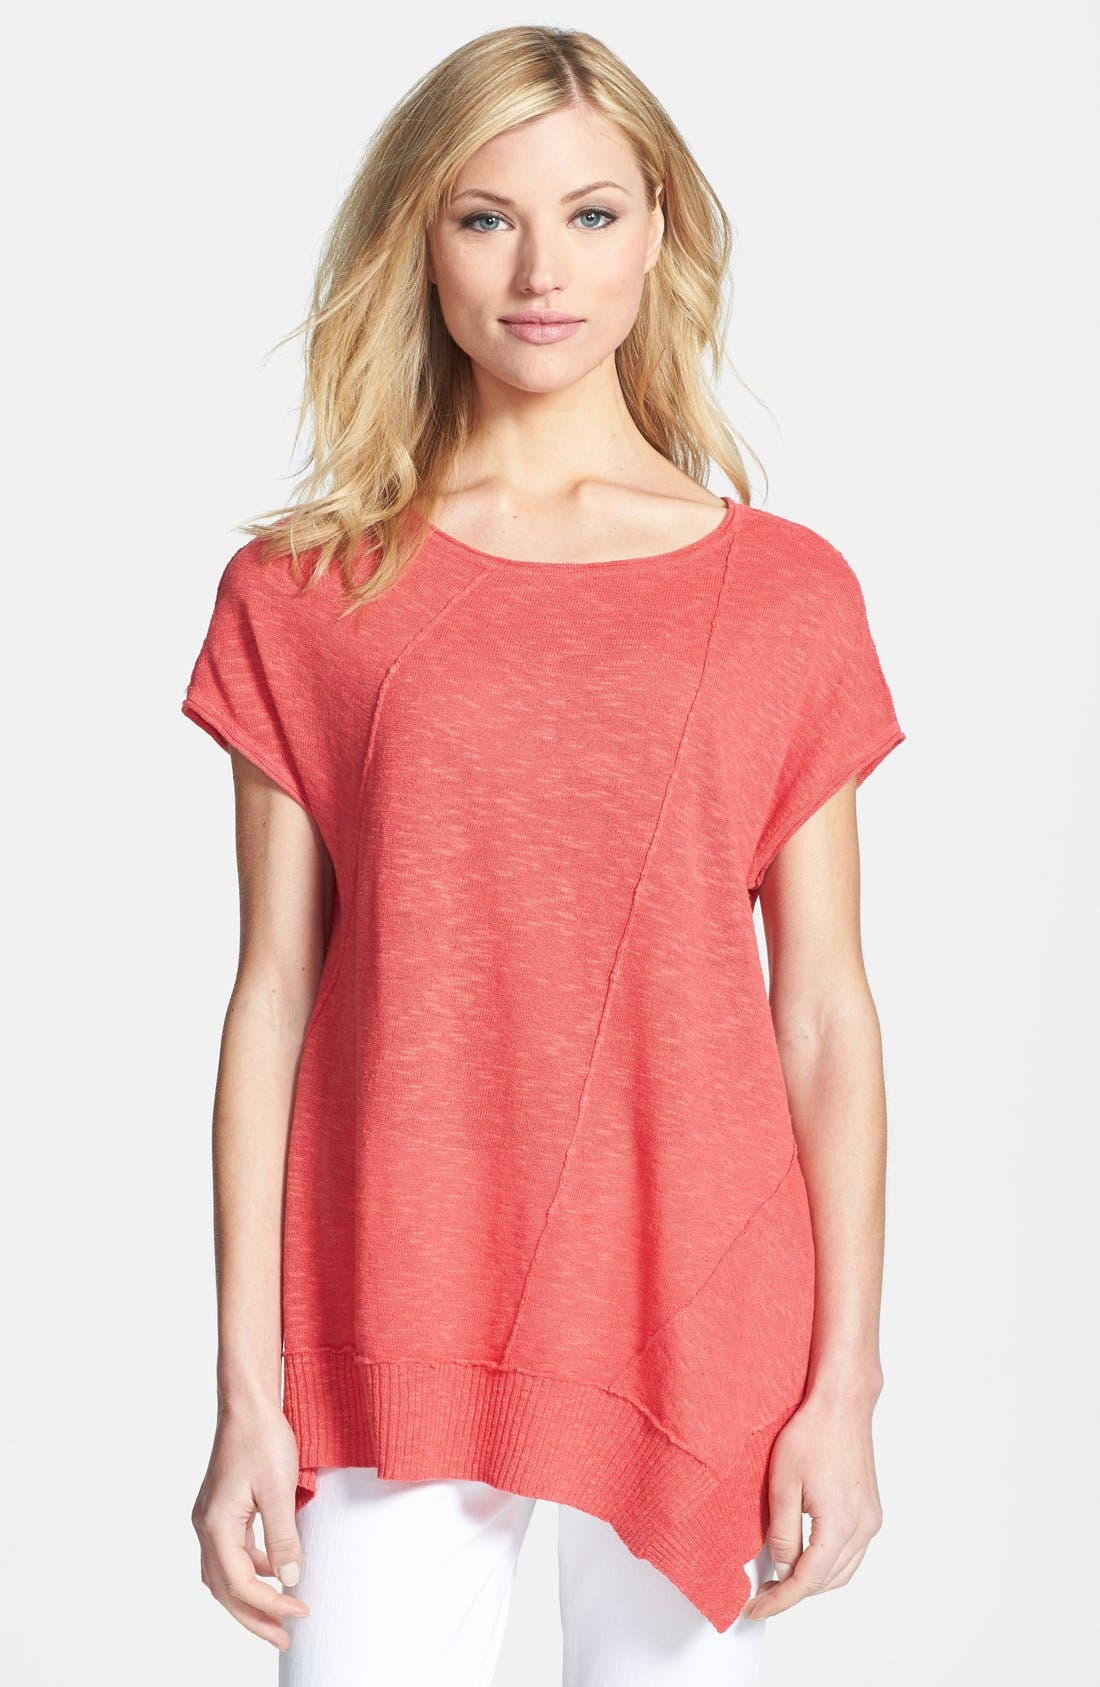 Main Image - Eileen Fisher Cap Sleeve Organic Linen & Cotton Scoop Neck Top (Regular & Petite)